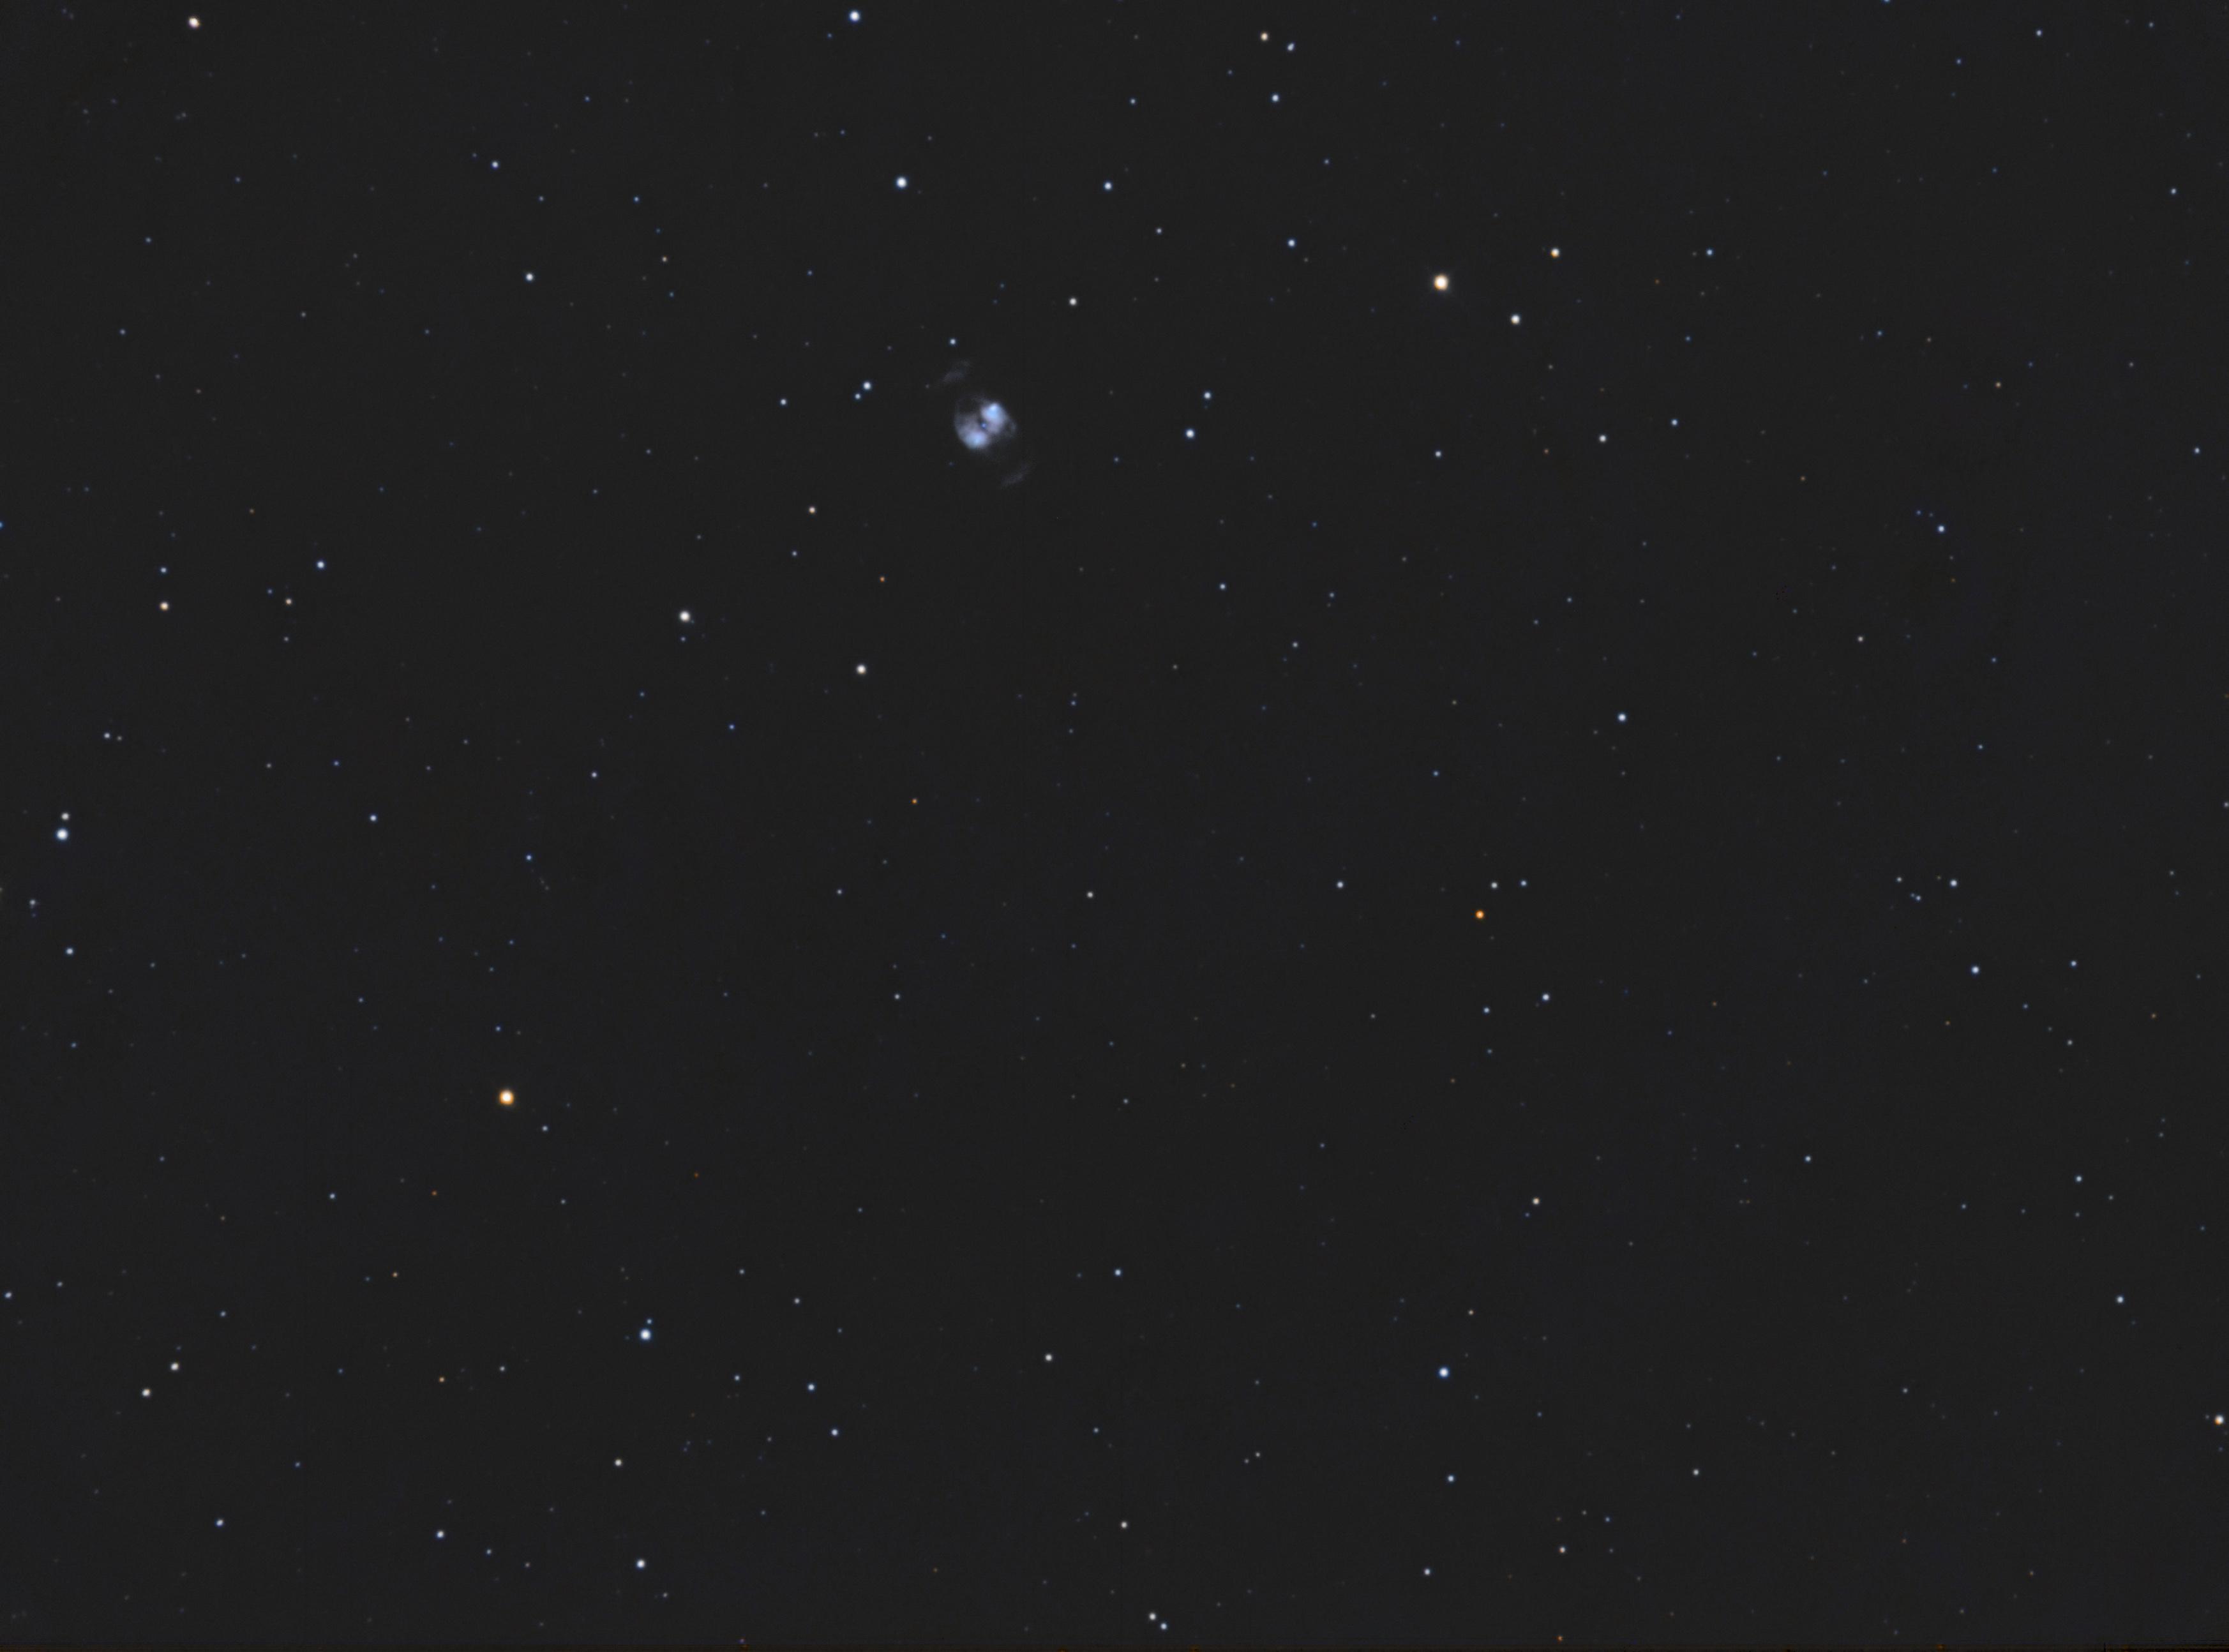 NGC2371_RCSTL_HaLRGB_022014_full_2Mo